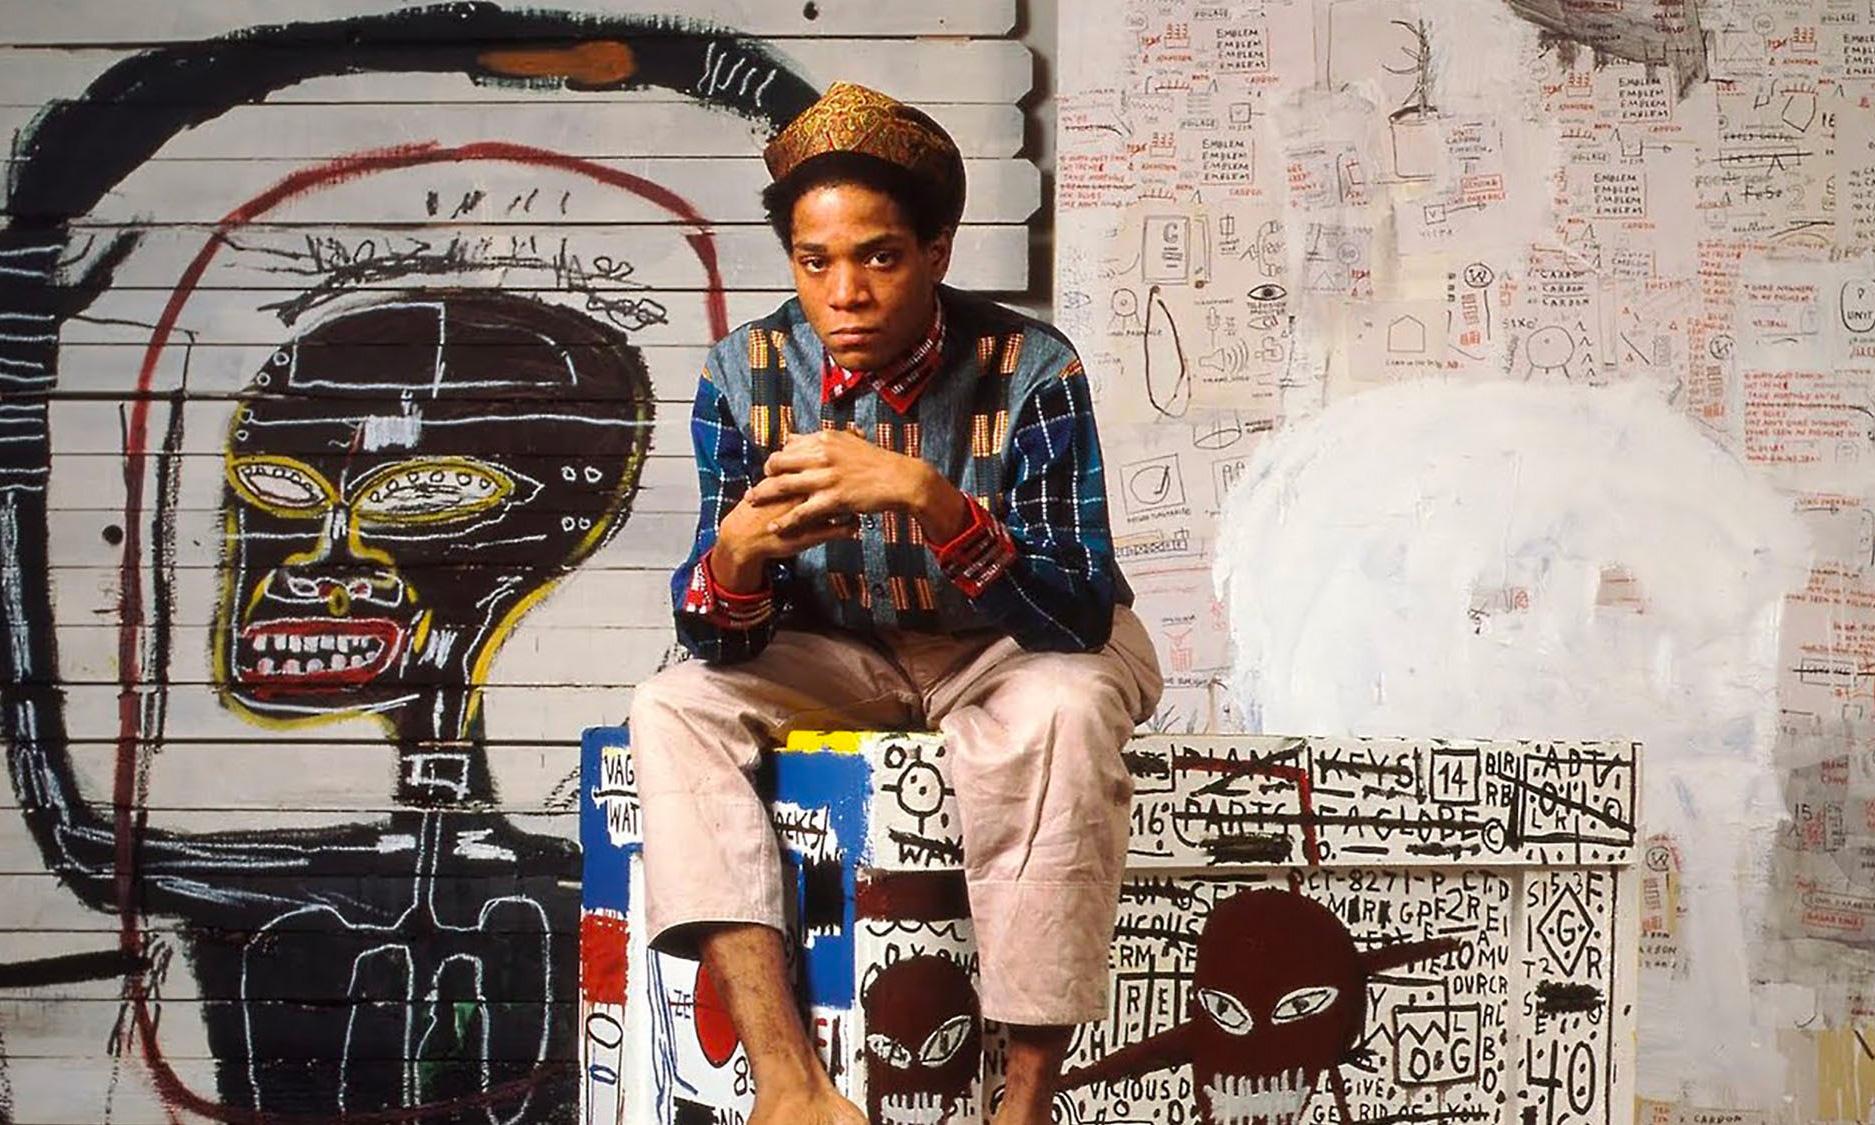 为什么 Jean-Michel Basquiat 的联名随处可见?